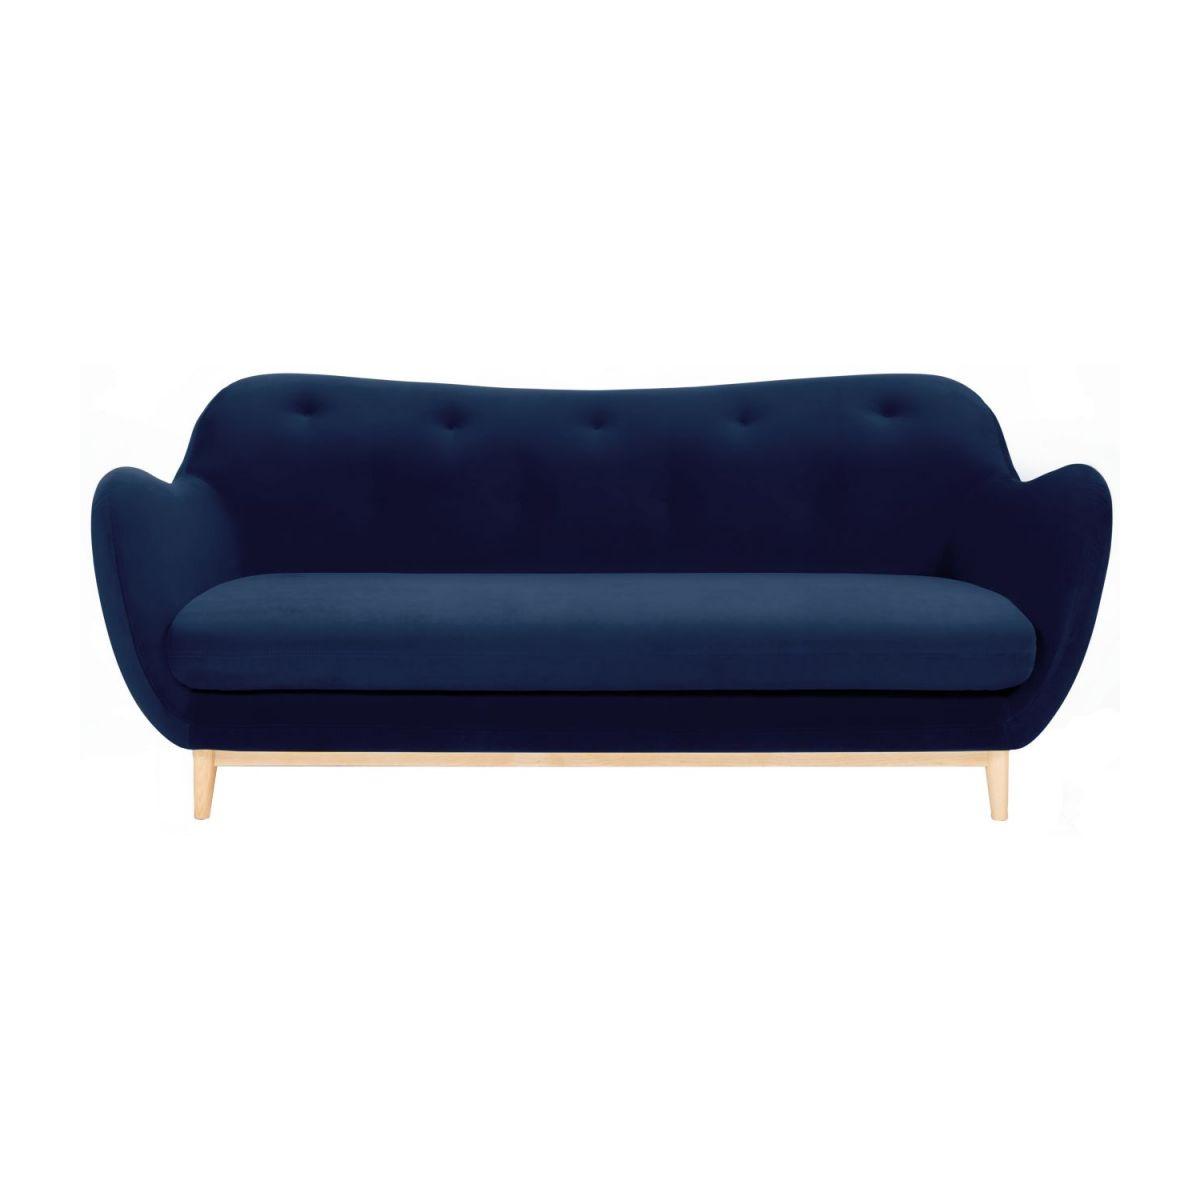 Full Size of 3 Sitzer Sofa Couch Mit Schlaffunktion Relaxfunktion Elektrisch Und 2 Sessel Ikea Nockeby Leder Bettfunktion Bettkasten Roller Poco Klippan Melchior Aus Samt Sofa 3 Sitzer Sofa